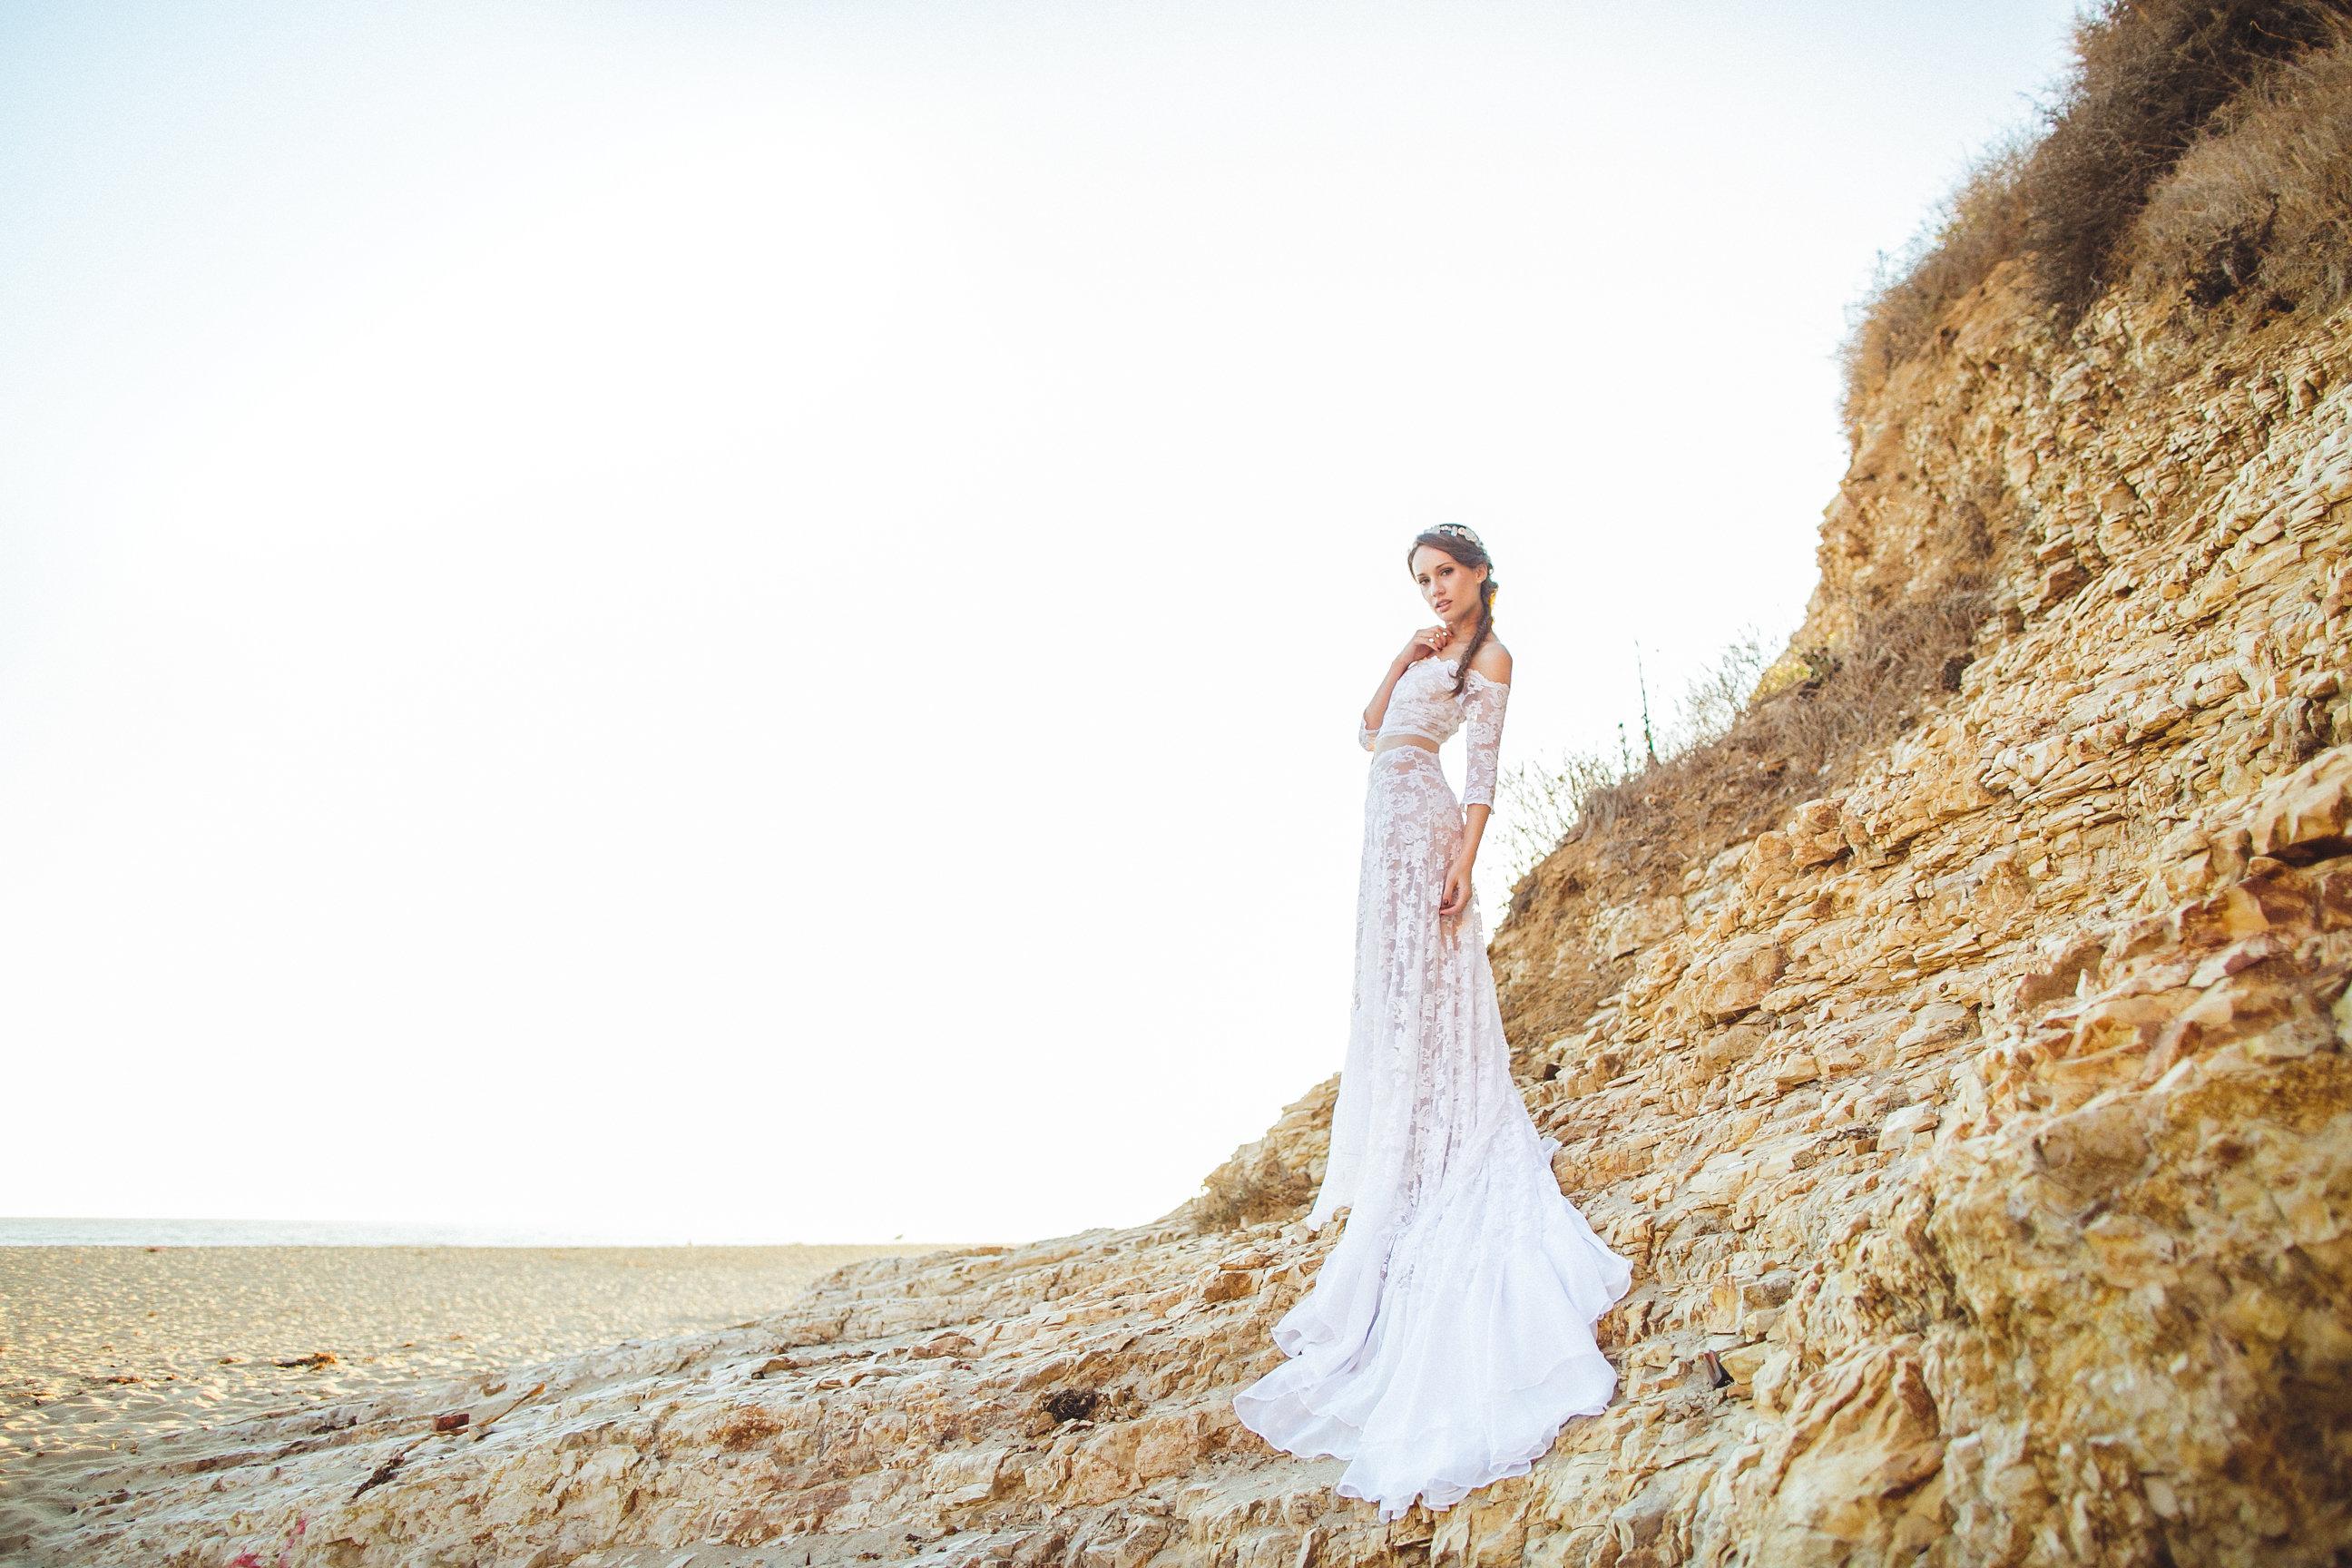 Wear your Love - Brautkleider für die Bohemian Braut von heute